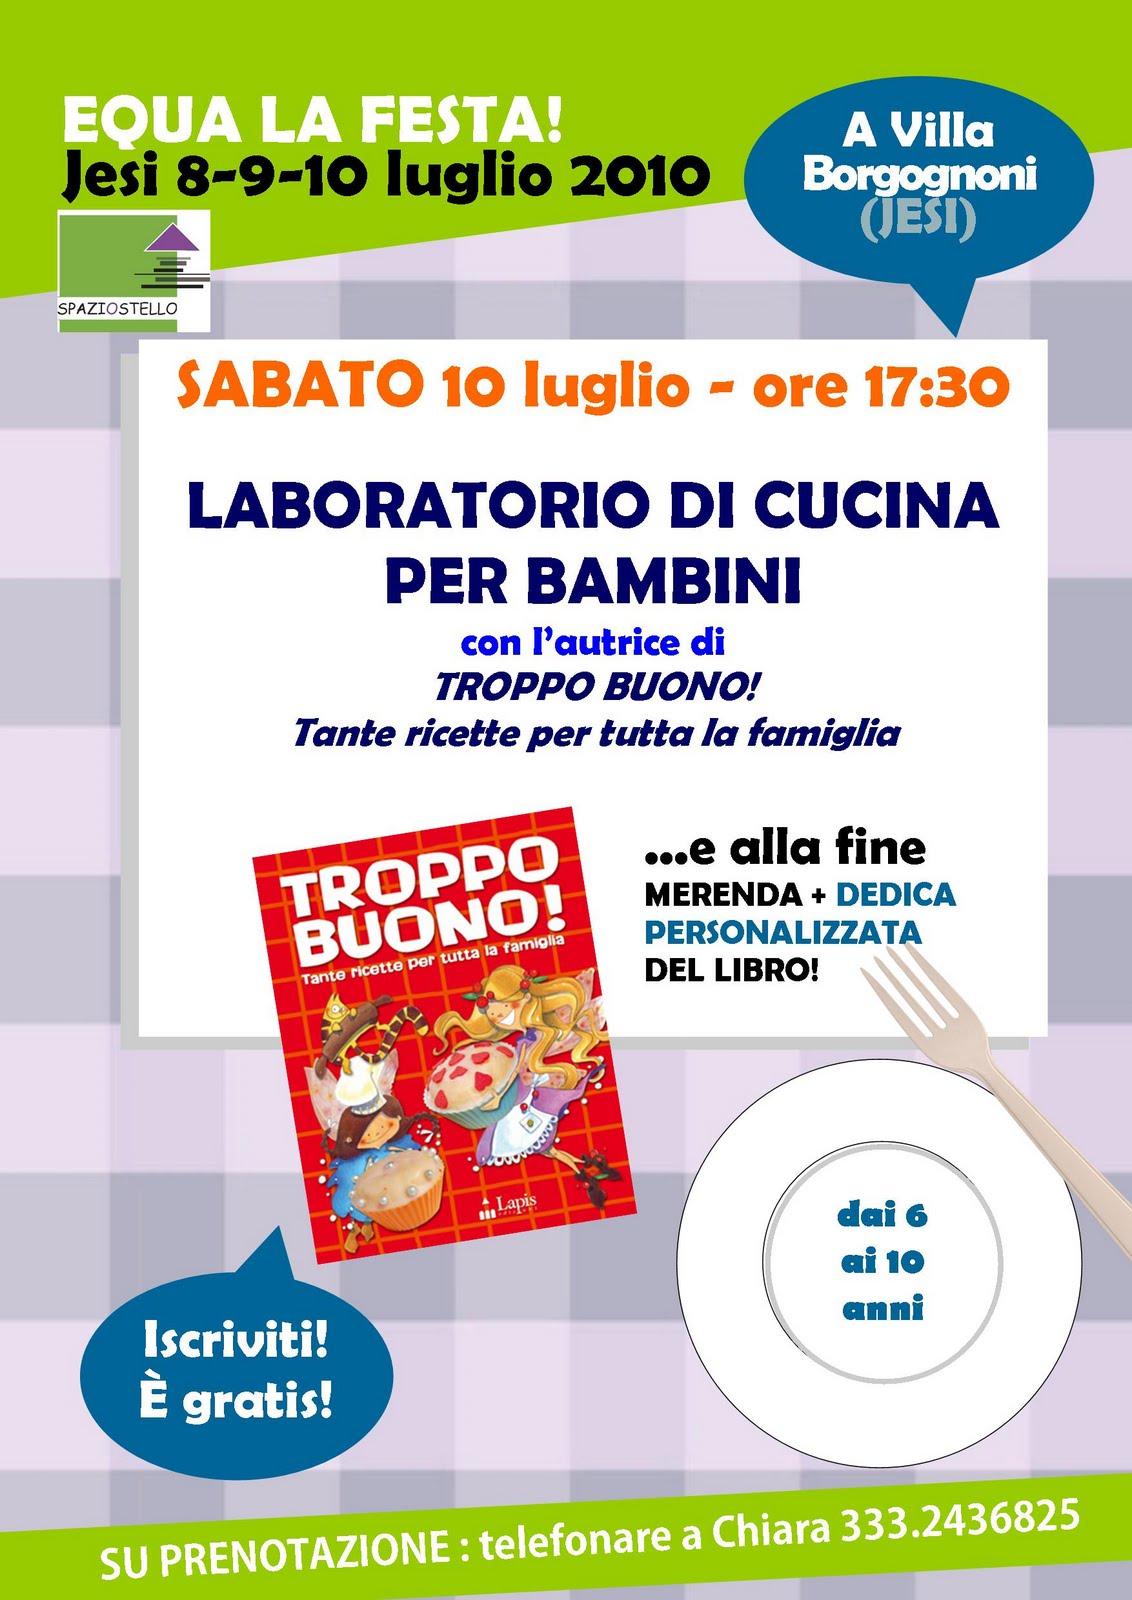 SpaziOstello: Laboratorio Di Cucina Per Bambini All'interno Di Equa La  #95C803 1132 1600 Cucina Etnica Per Bambini